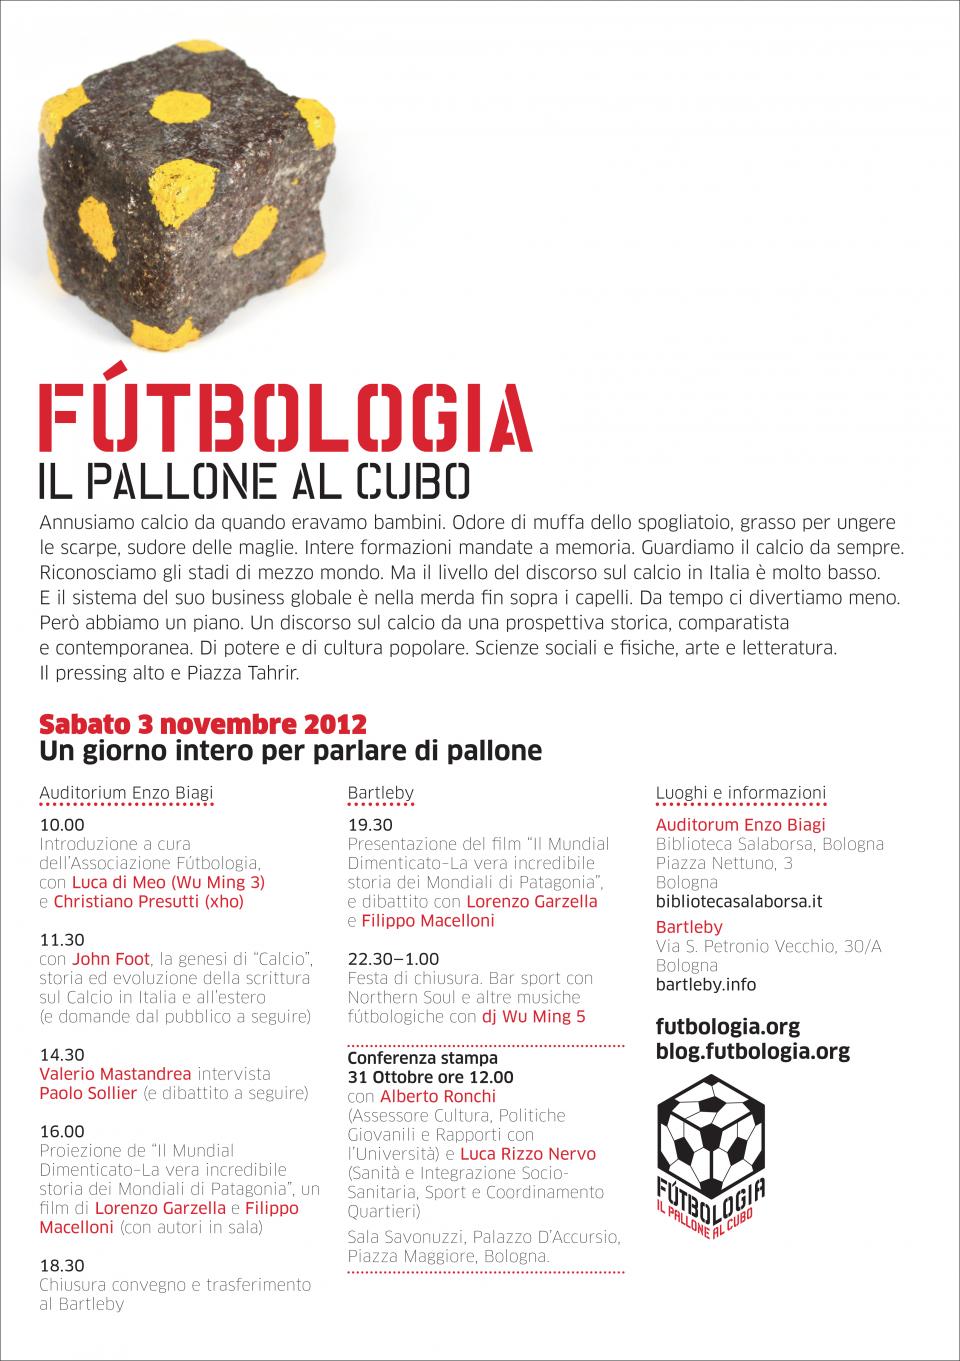 fut_locA3_presentazione.png